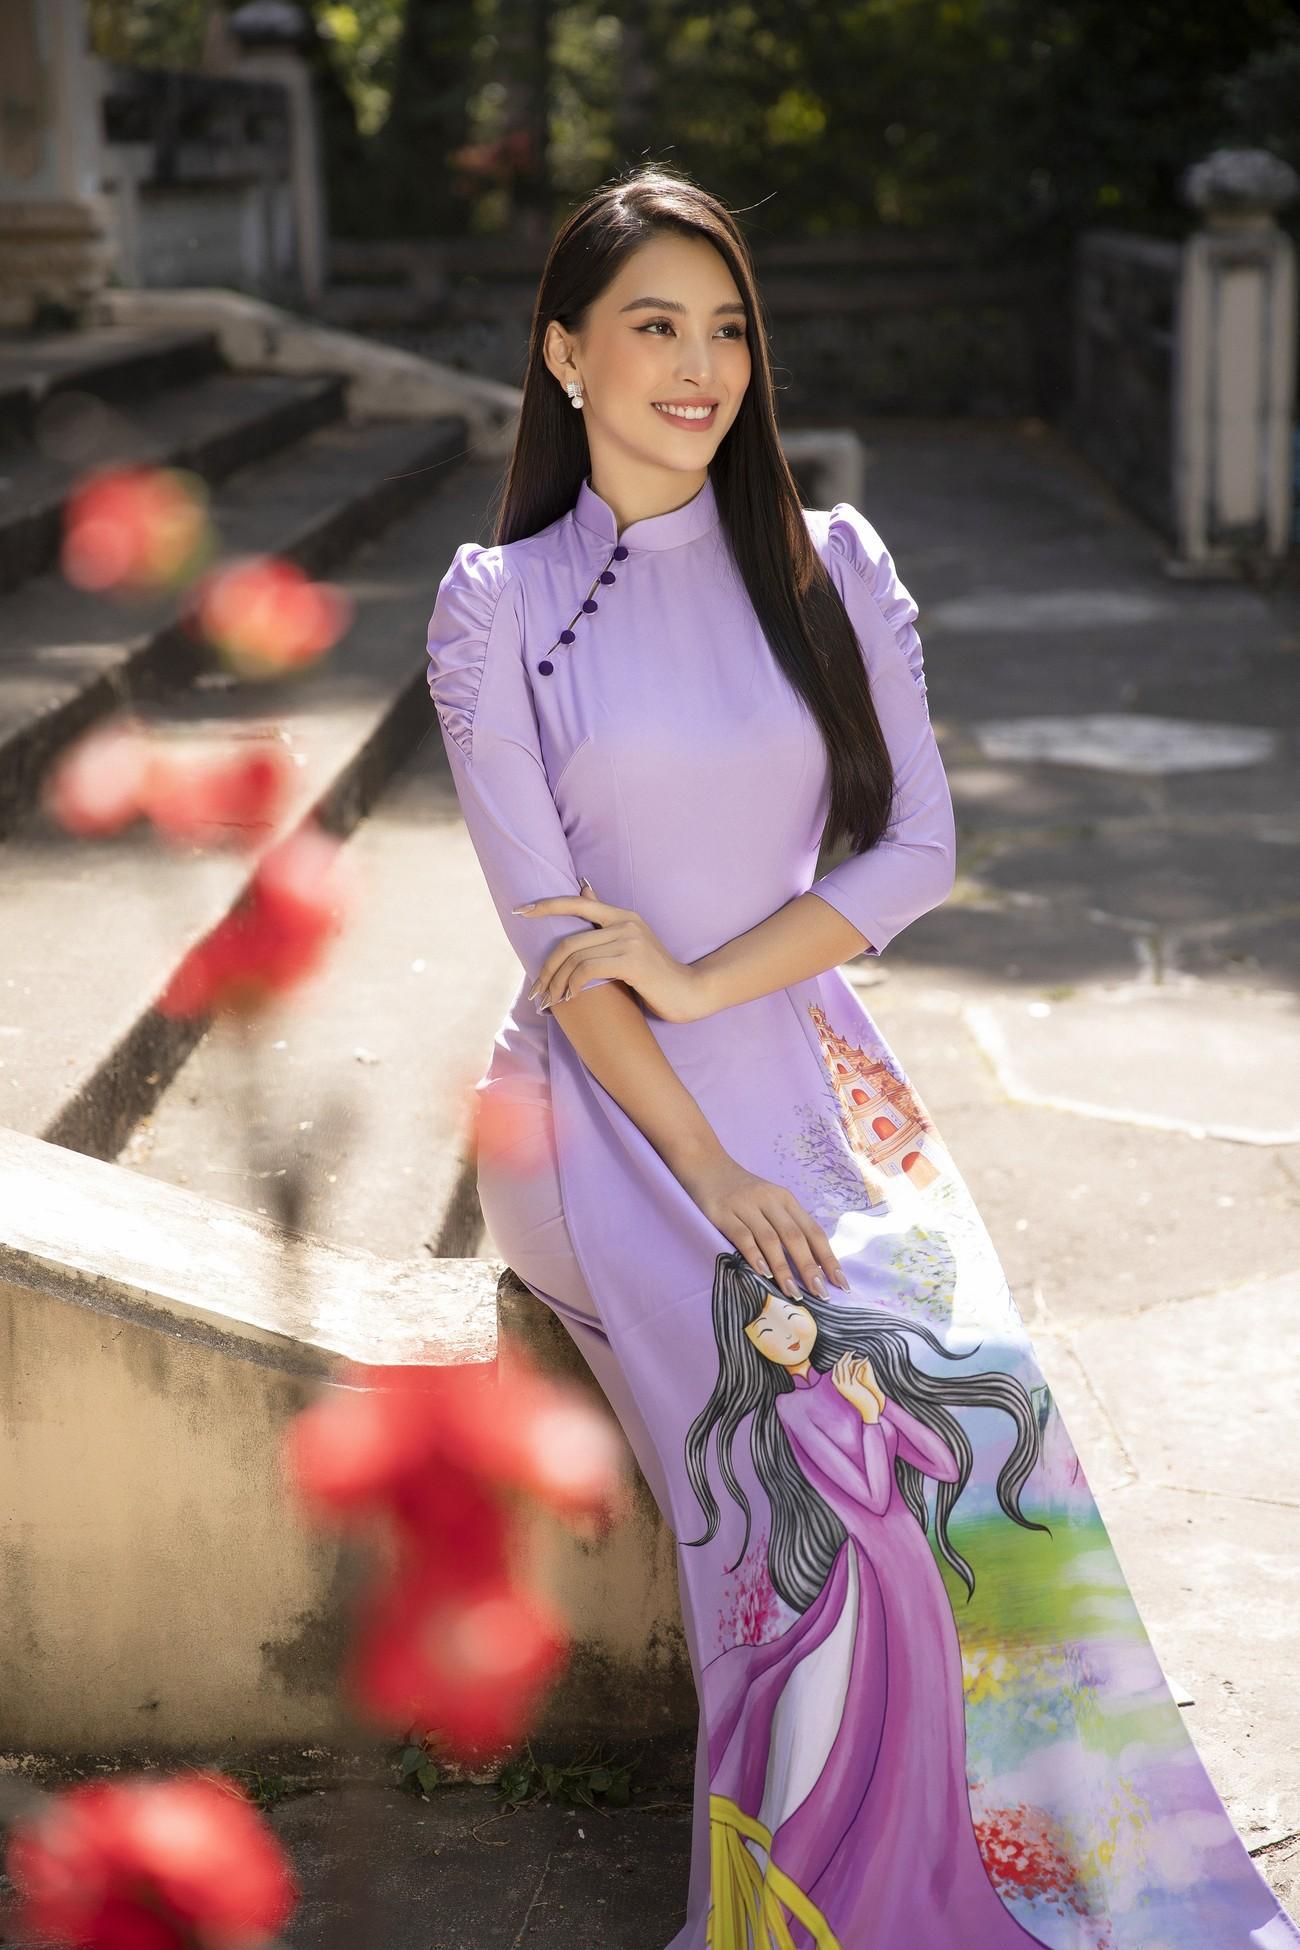 Hoa hậu Tiểu Vy khoe nhan sắc 'cực phẩm', đẹp tựa nàng thơ mùa xuân với áo dài Tết ảnh 2